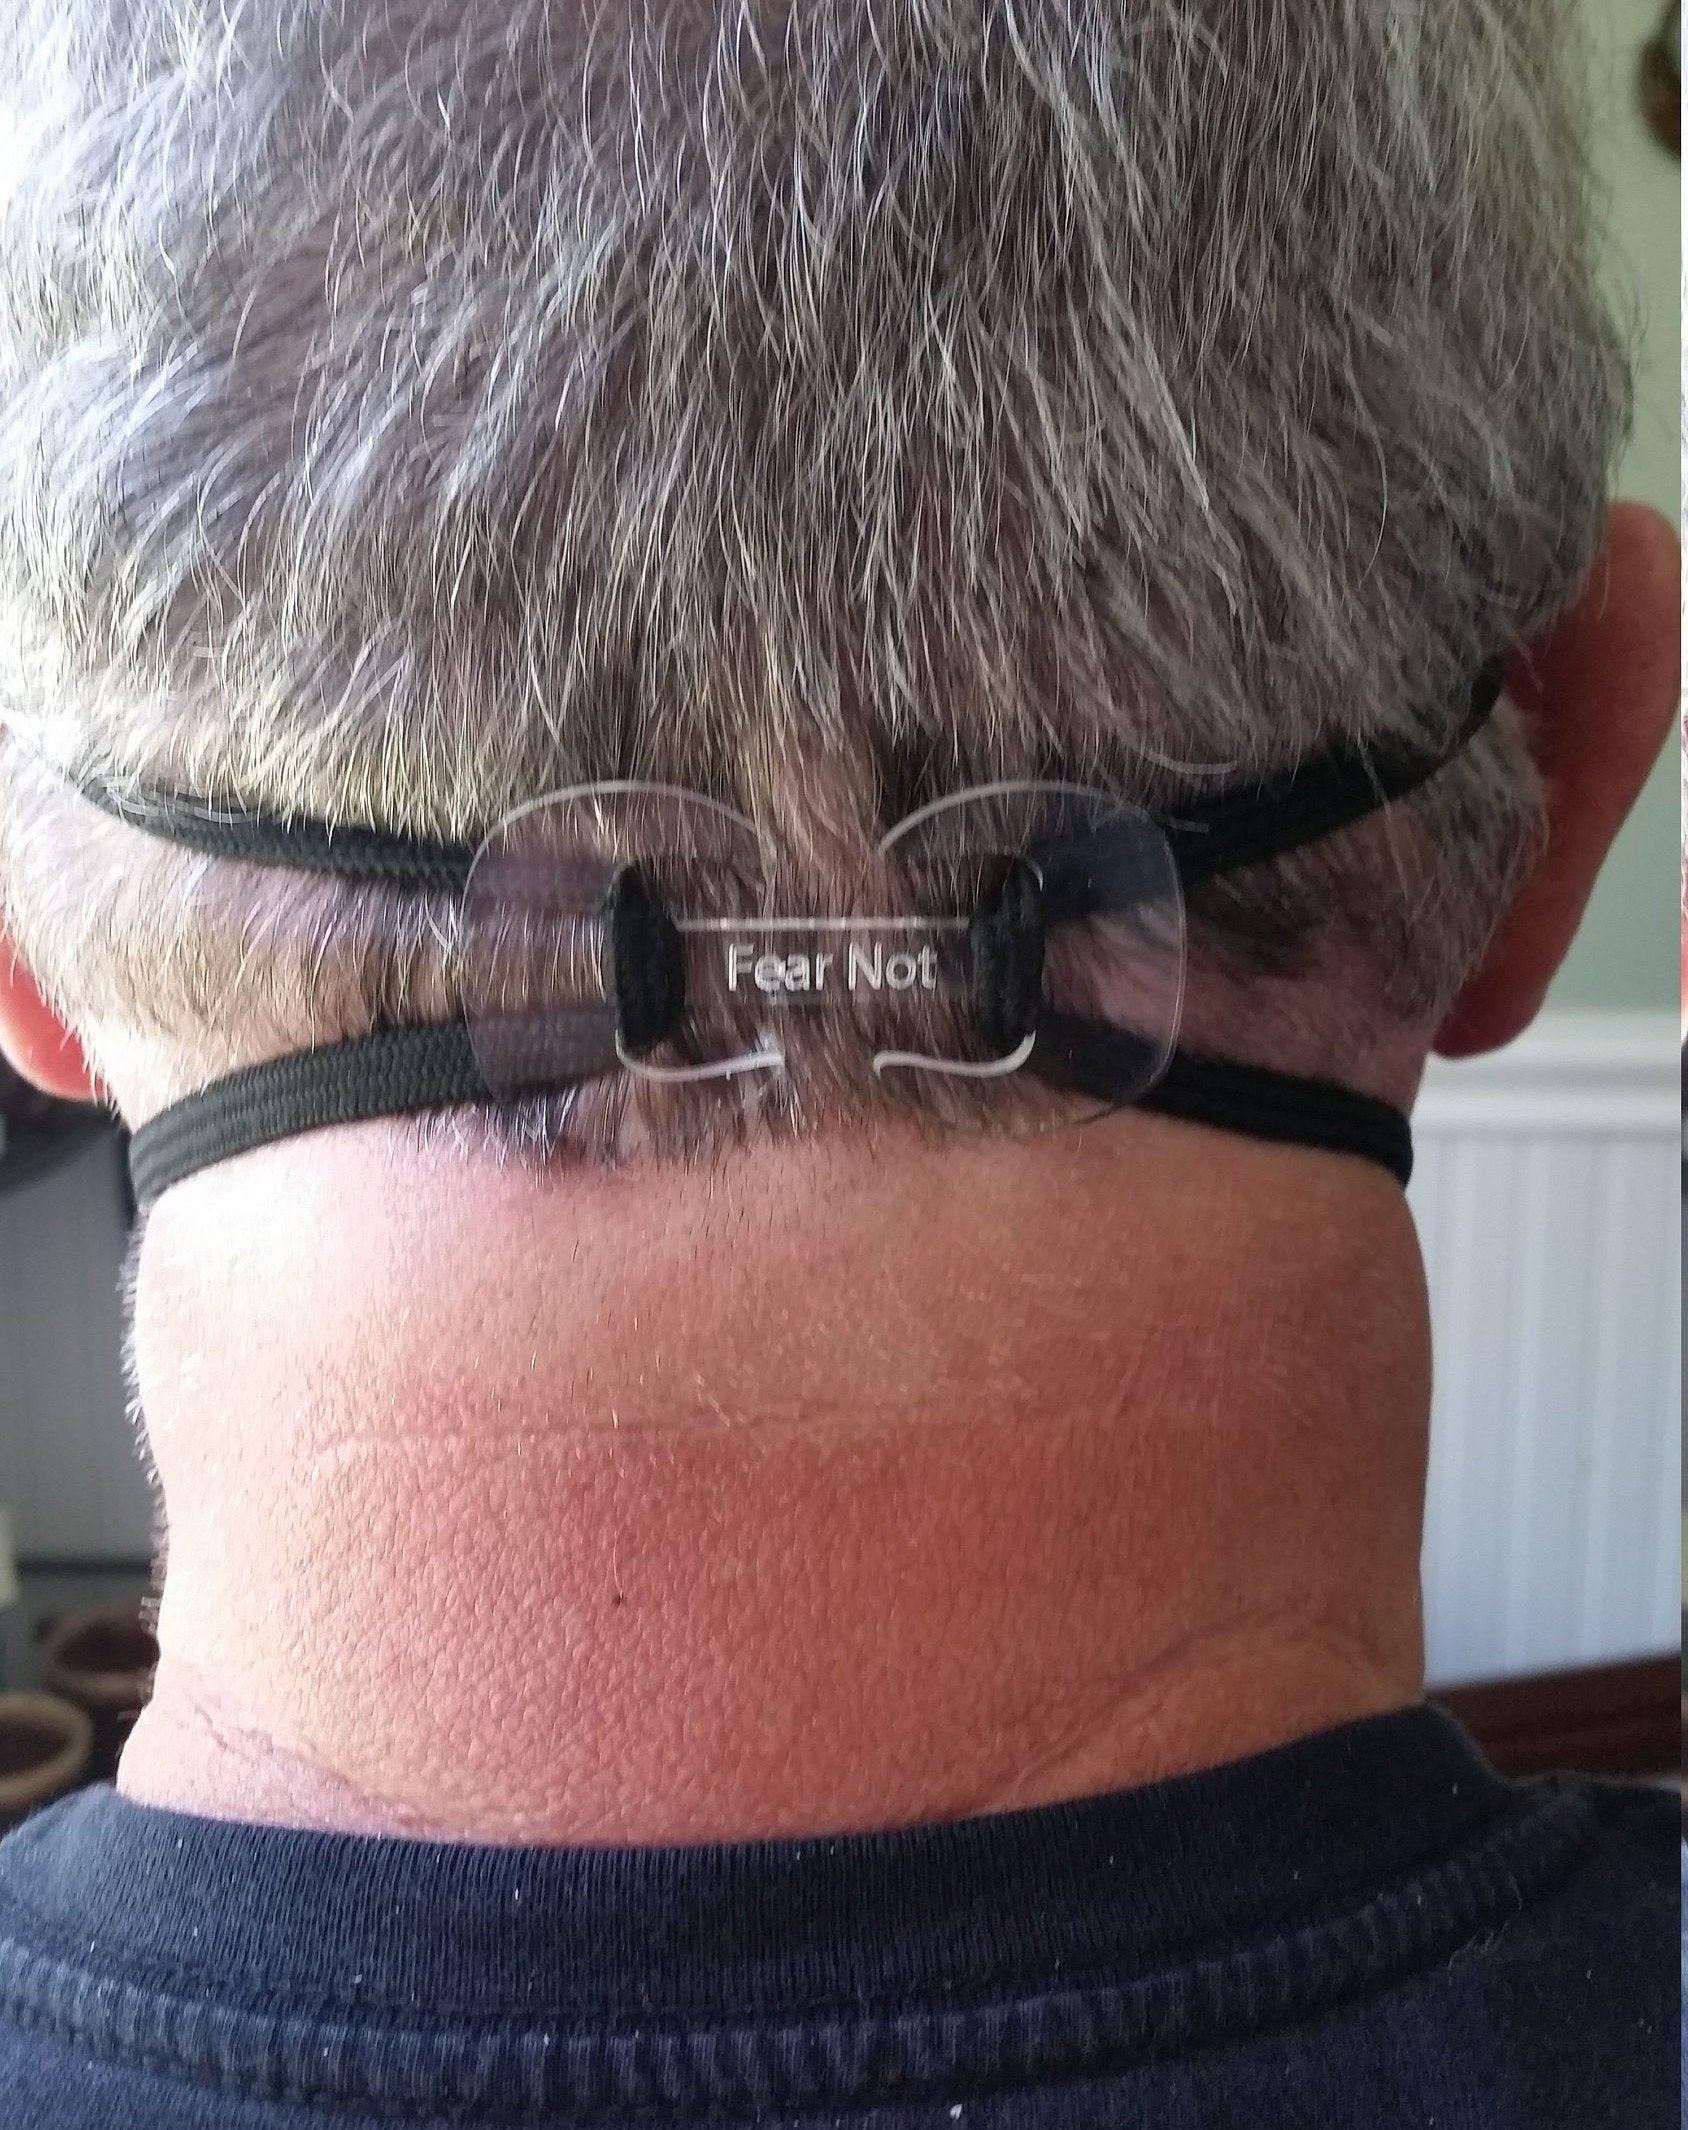 S Hook For Mask Sterile Reusable Mask S Clip Mask Ear Etsy In 2020 Diy Face Mask Diy Mask Mask